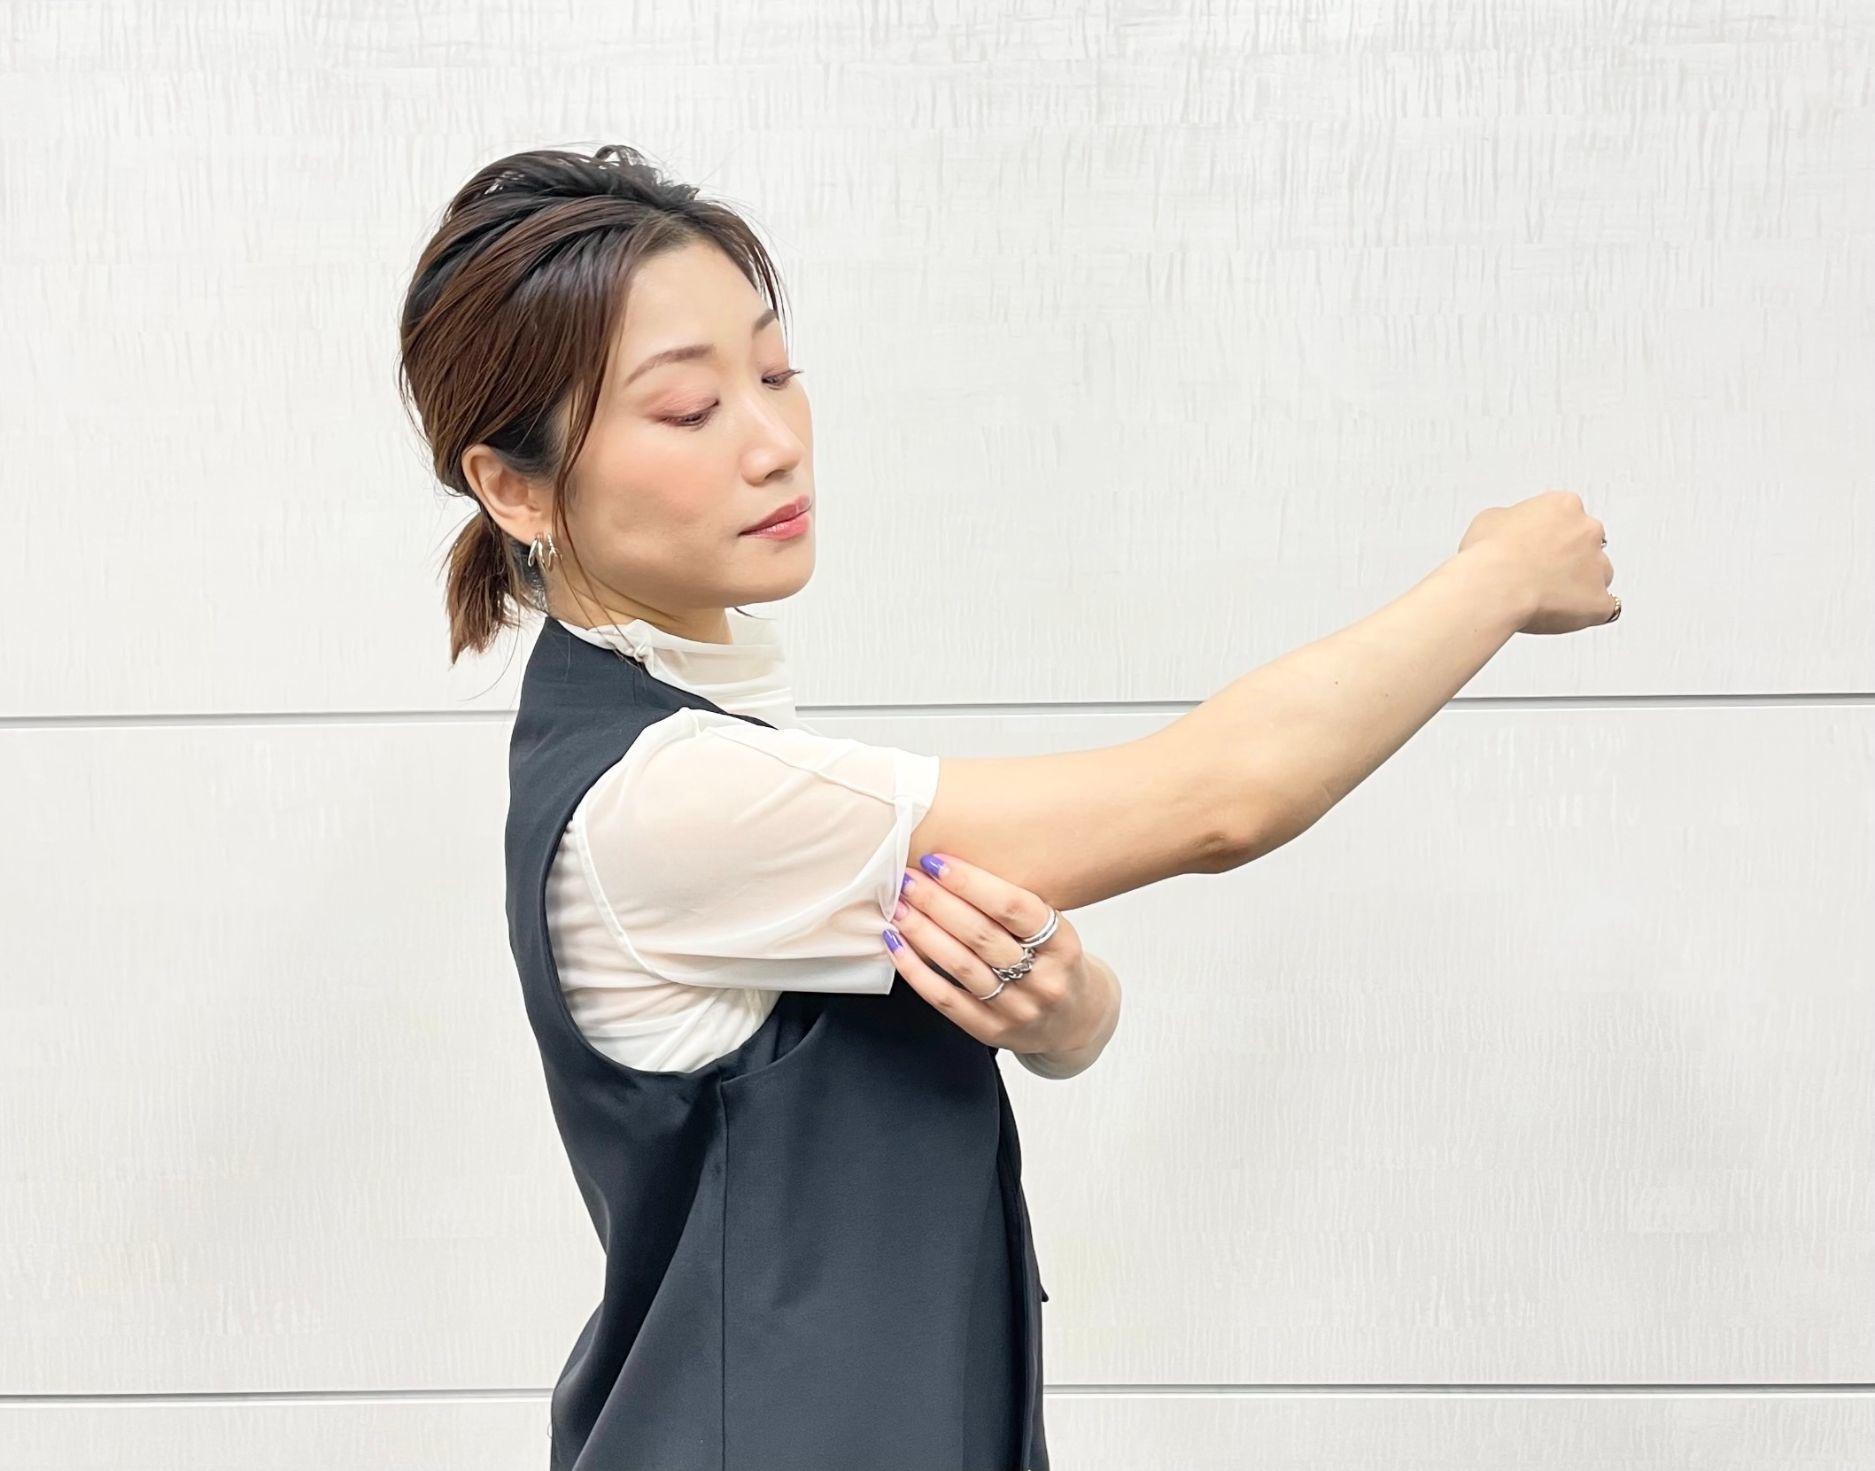 ぶるぶる二の腕も引き締まる「簡単腕トレ」。普段動かさない筋肉を伸ばすだけ!